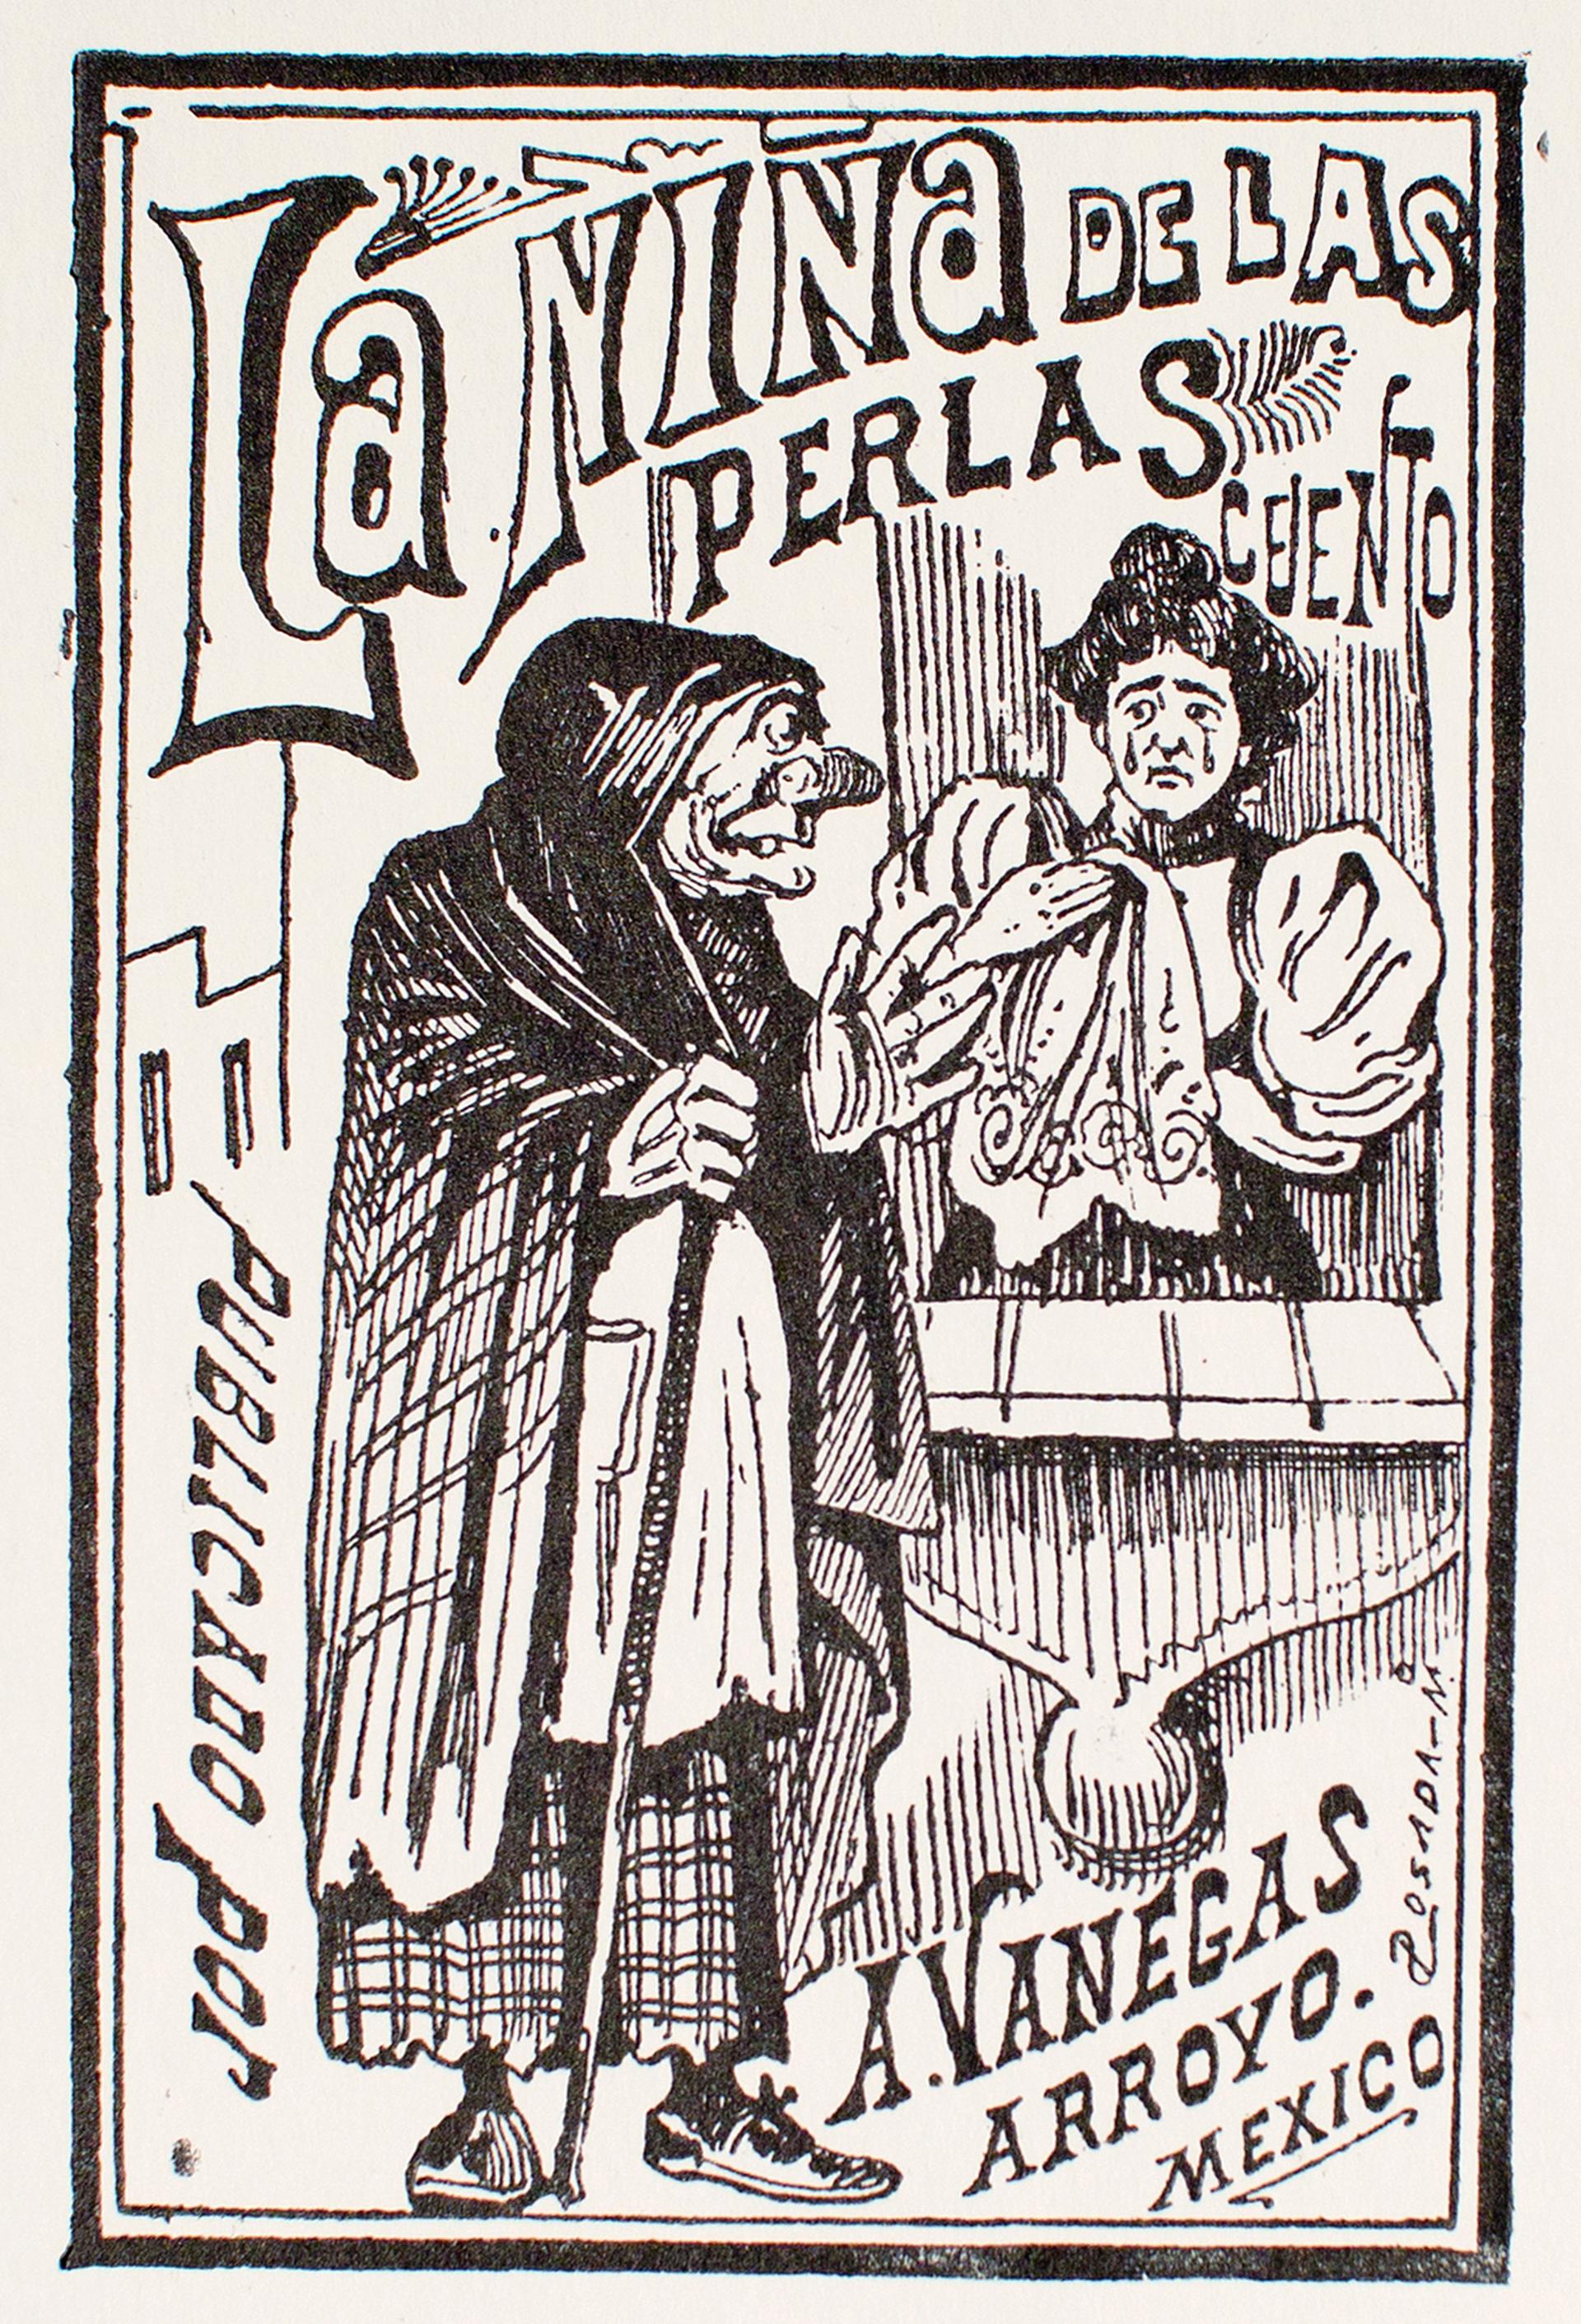 La Niña de las Perlas by José Guadalupe Posada (1852 - 1913)